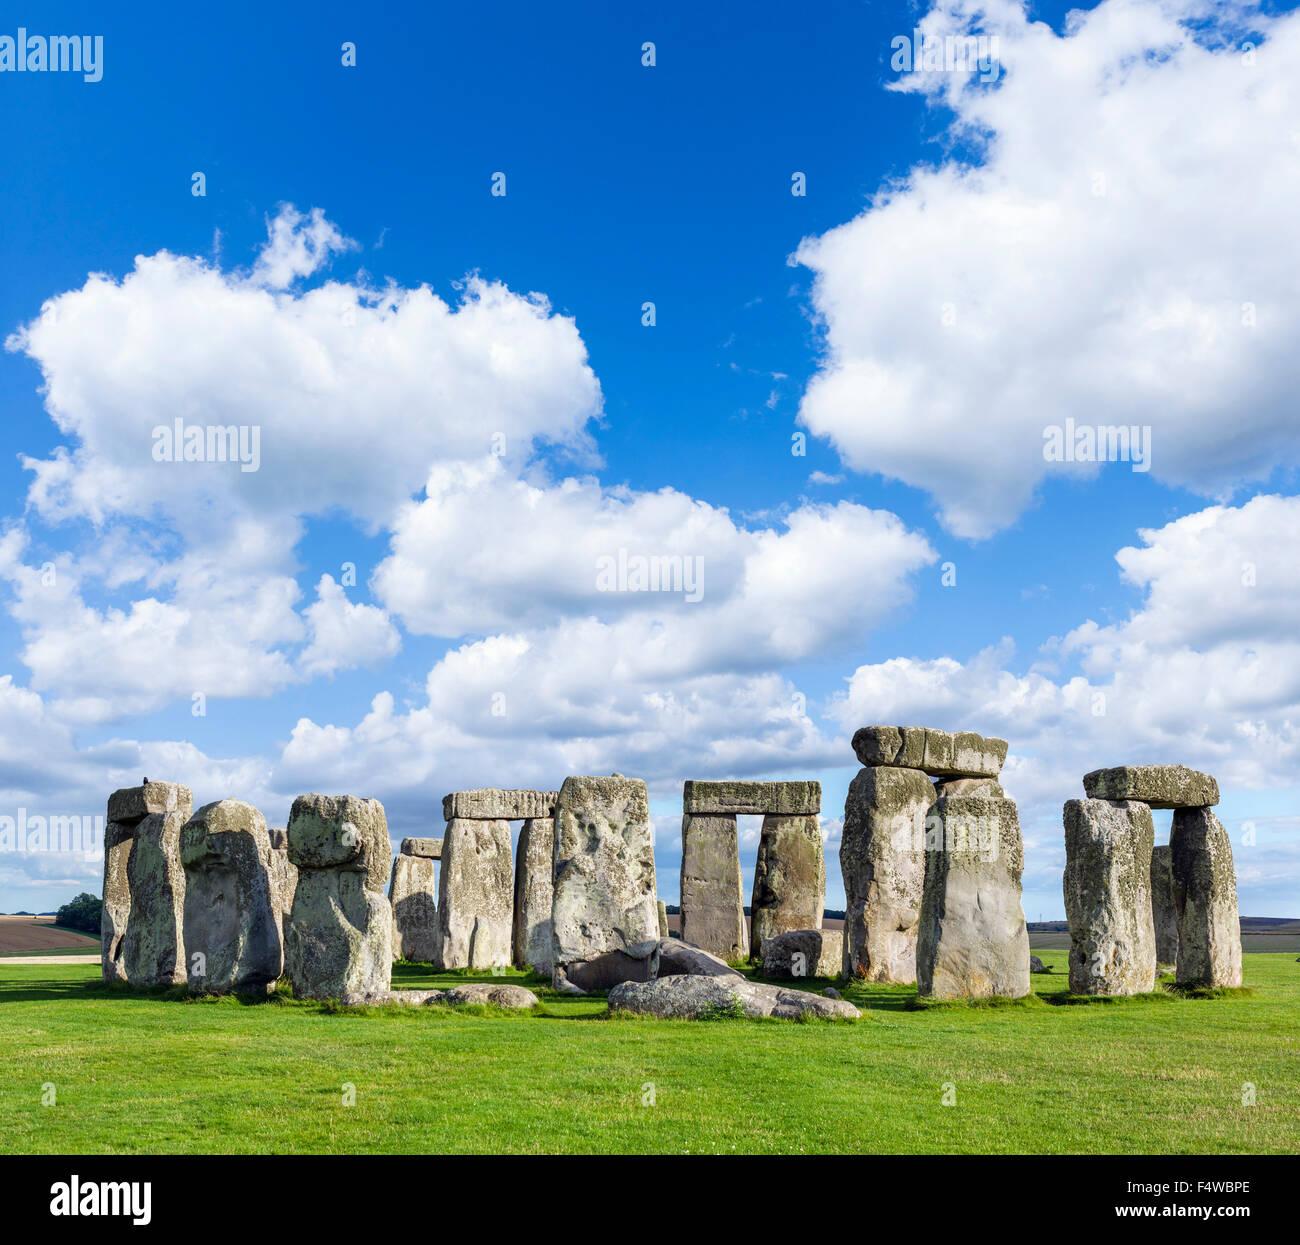 Stonehenge, cerca de Amesbury, Wiltshire, Inglaterra, Reino Unido. Imagen De Stock